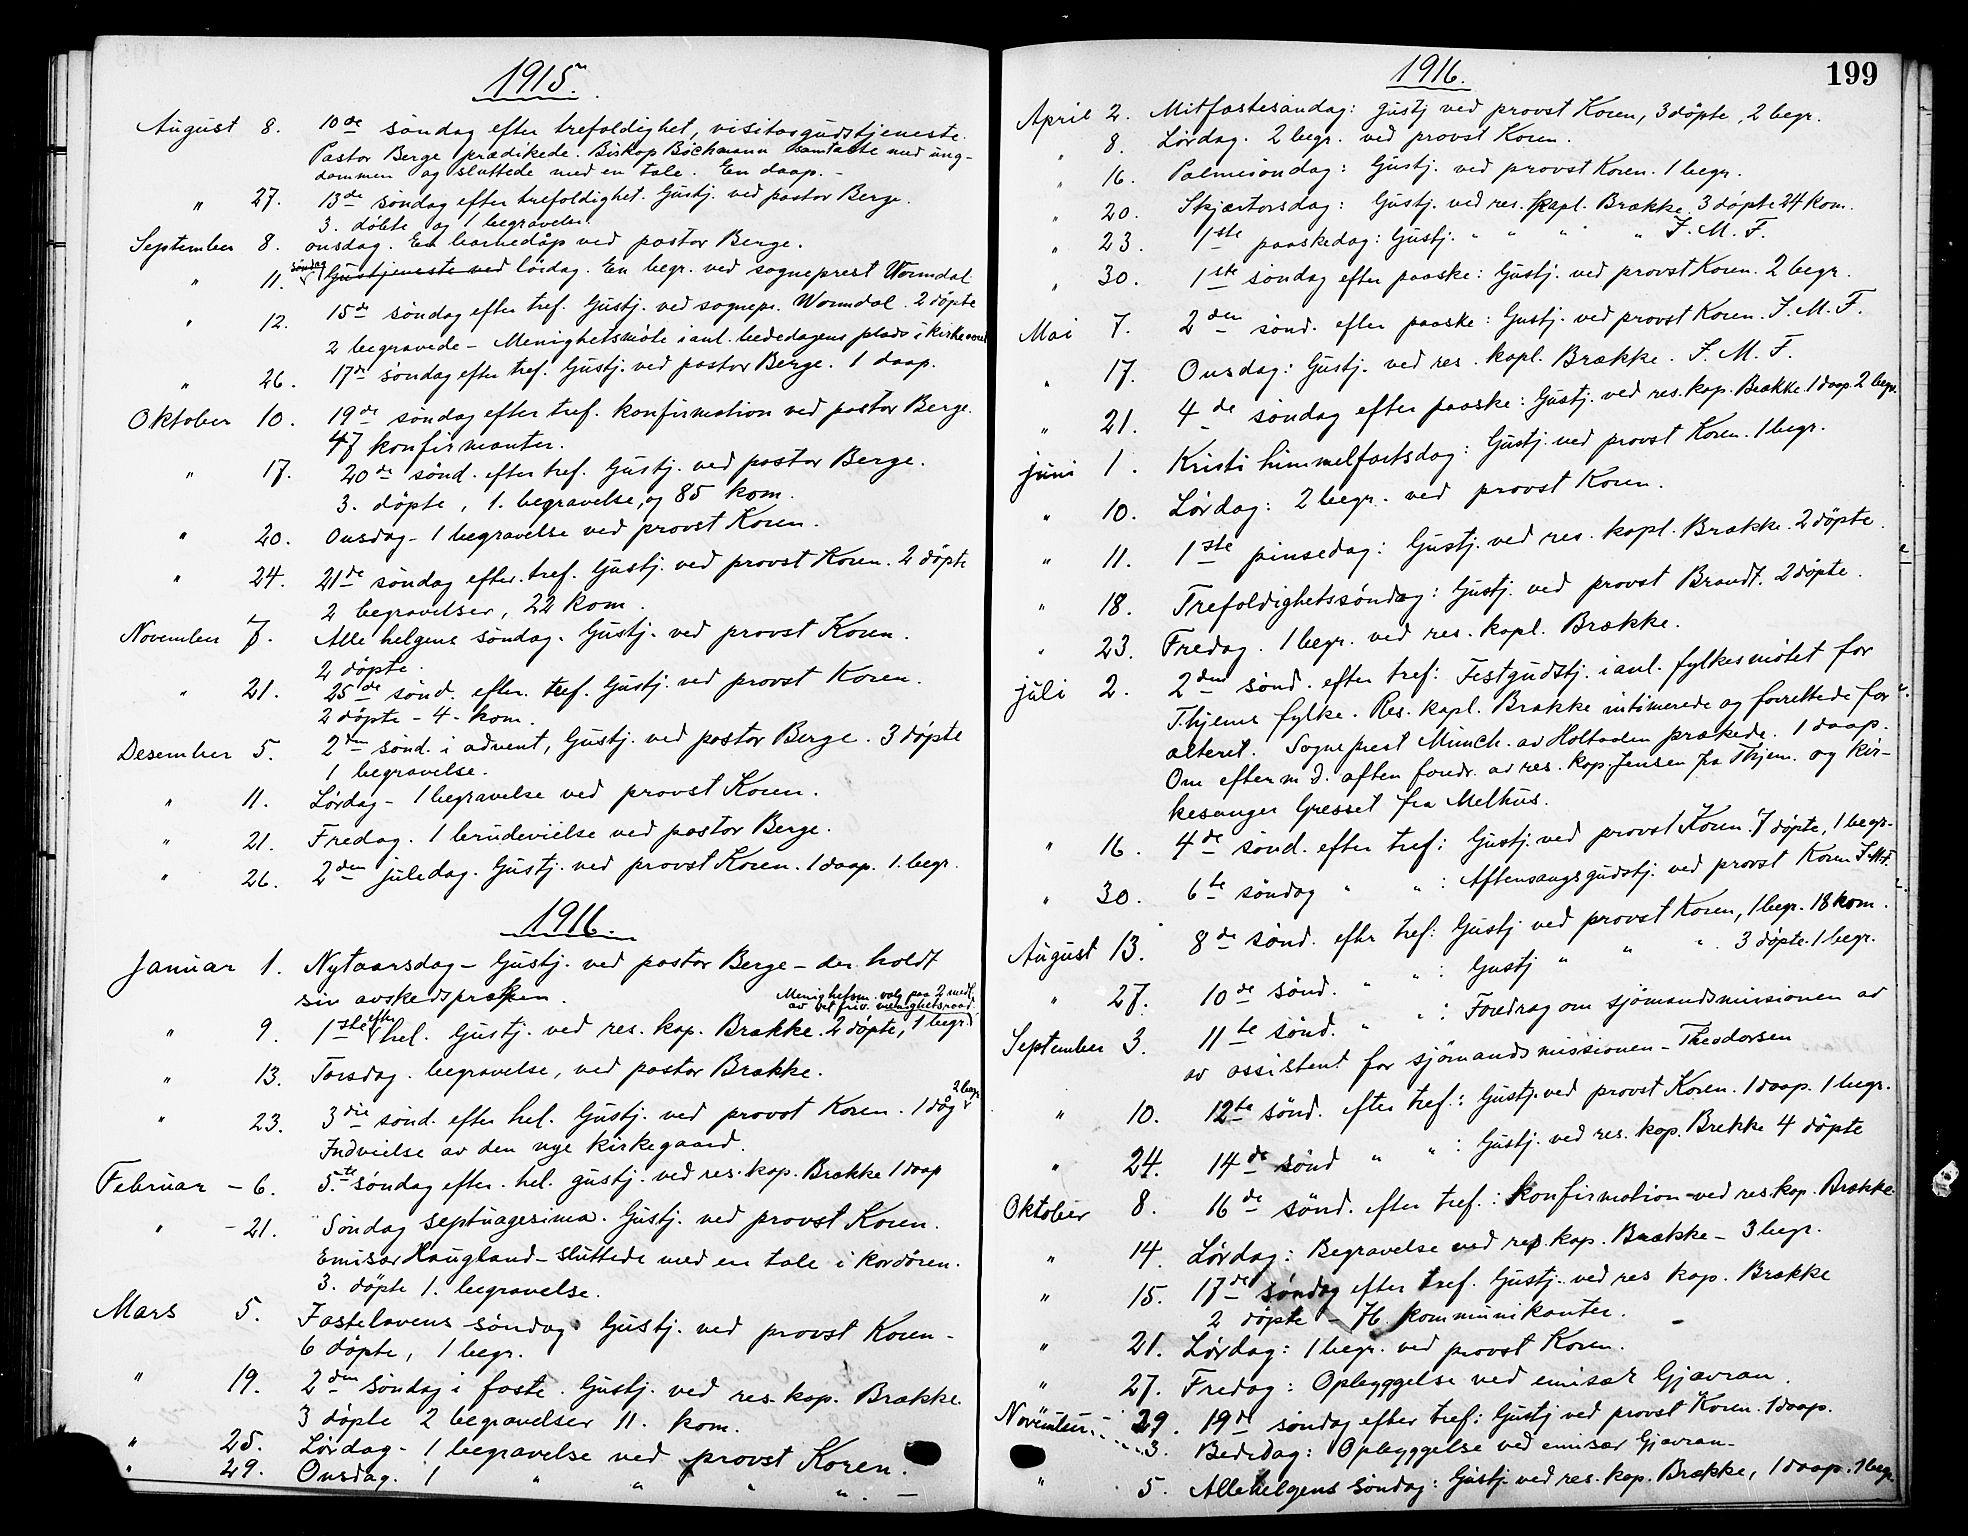 SAT, Ministerialprotokoller, klokkerbøker og fødselsregistre - Sør-Trøndelag, 669/L0831: Klokkerbok nr. 669C01, 1909-1924, s. 199